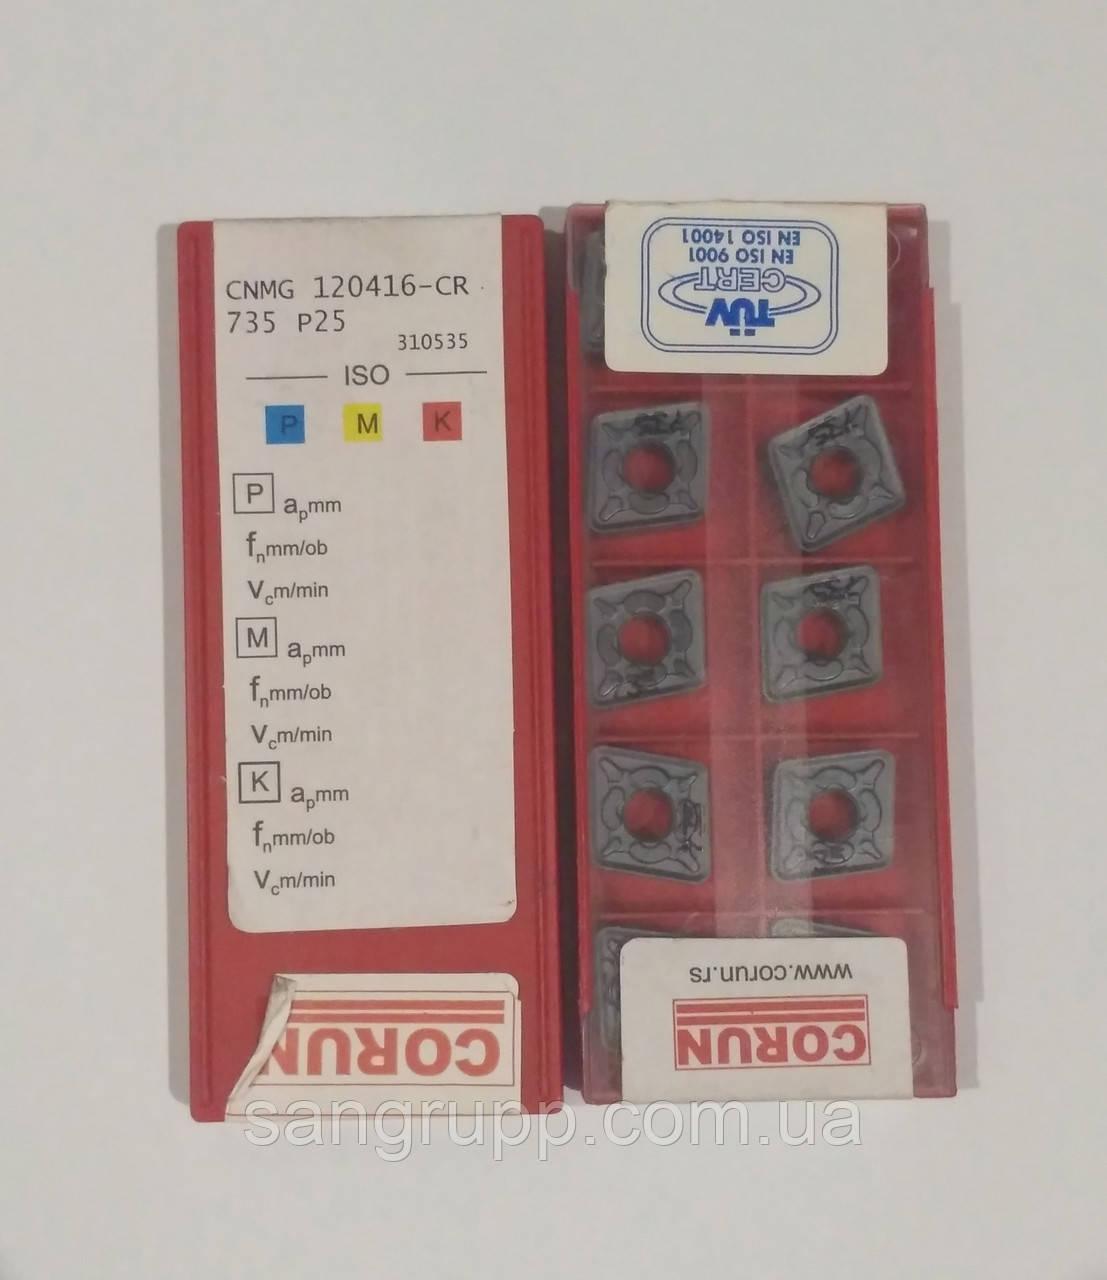 CNMG 120408-CM 715 K15 твердосплавна Пластина CORUN